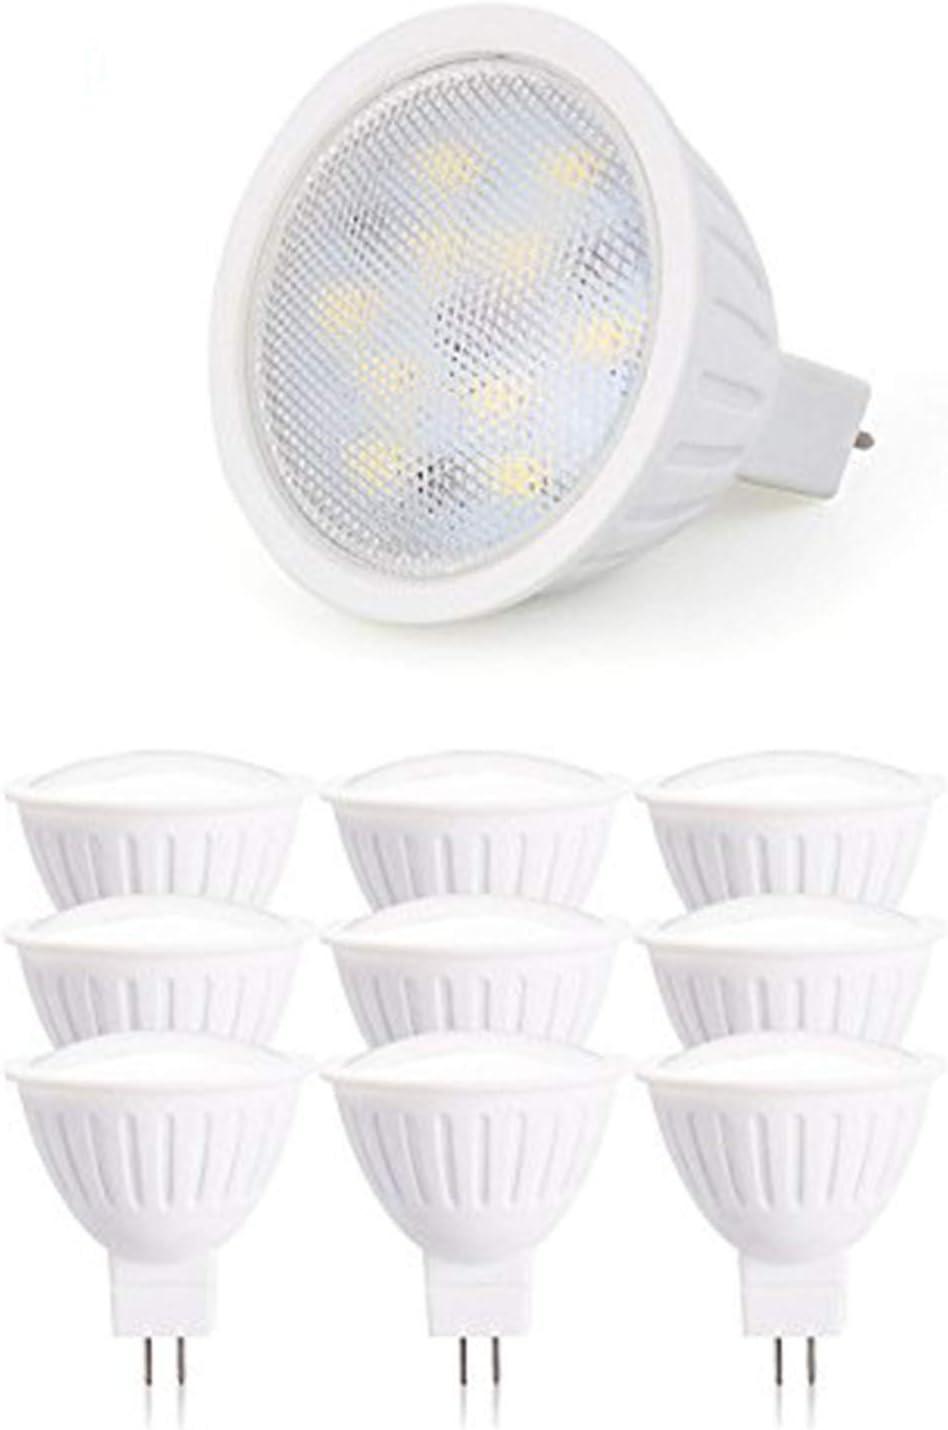 Gu5 3 Base Led Light Bulb Dimmable 5w Spotlight 50w Halogen Equivalent 120v Mr16 Bi Pin Base Warm White 2700k Flood Light Bulb For Accent Lighting Display Lighting Track Lighting Pack Of 10 Home Improvement Amazon Com